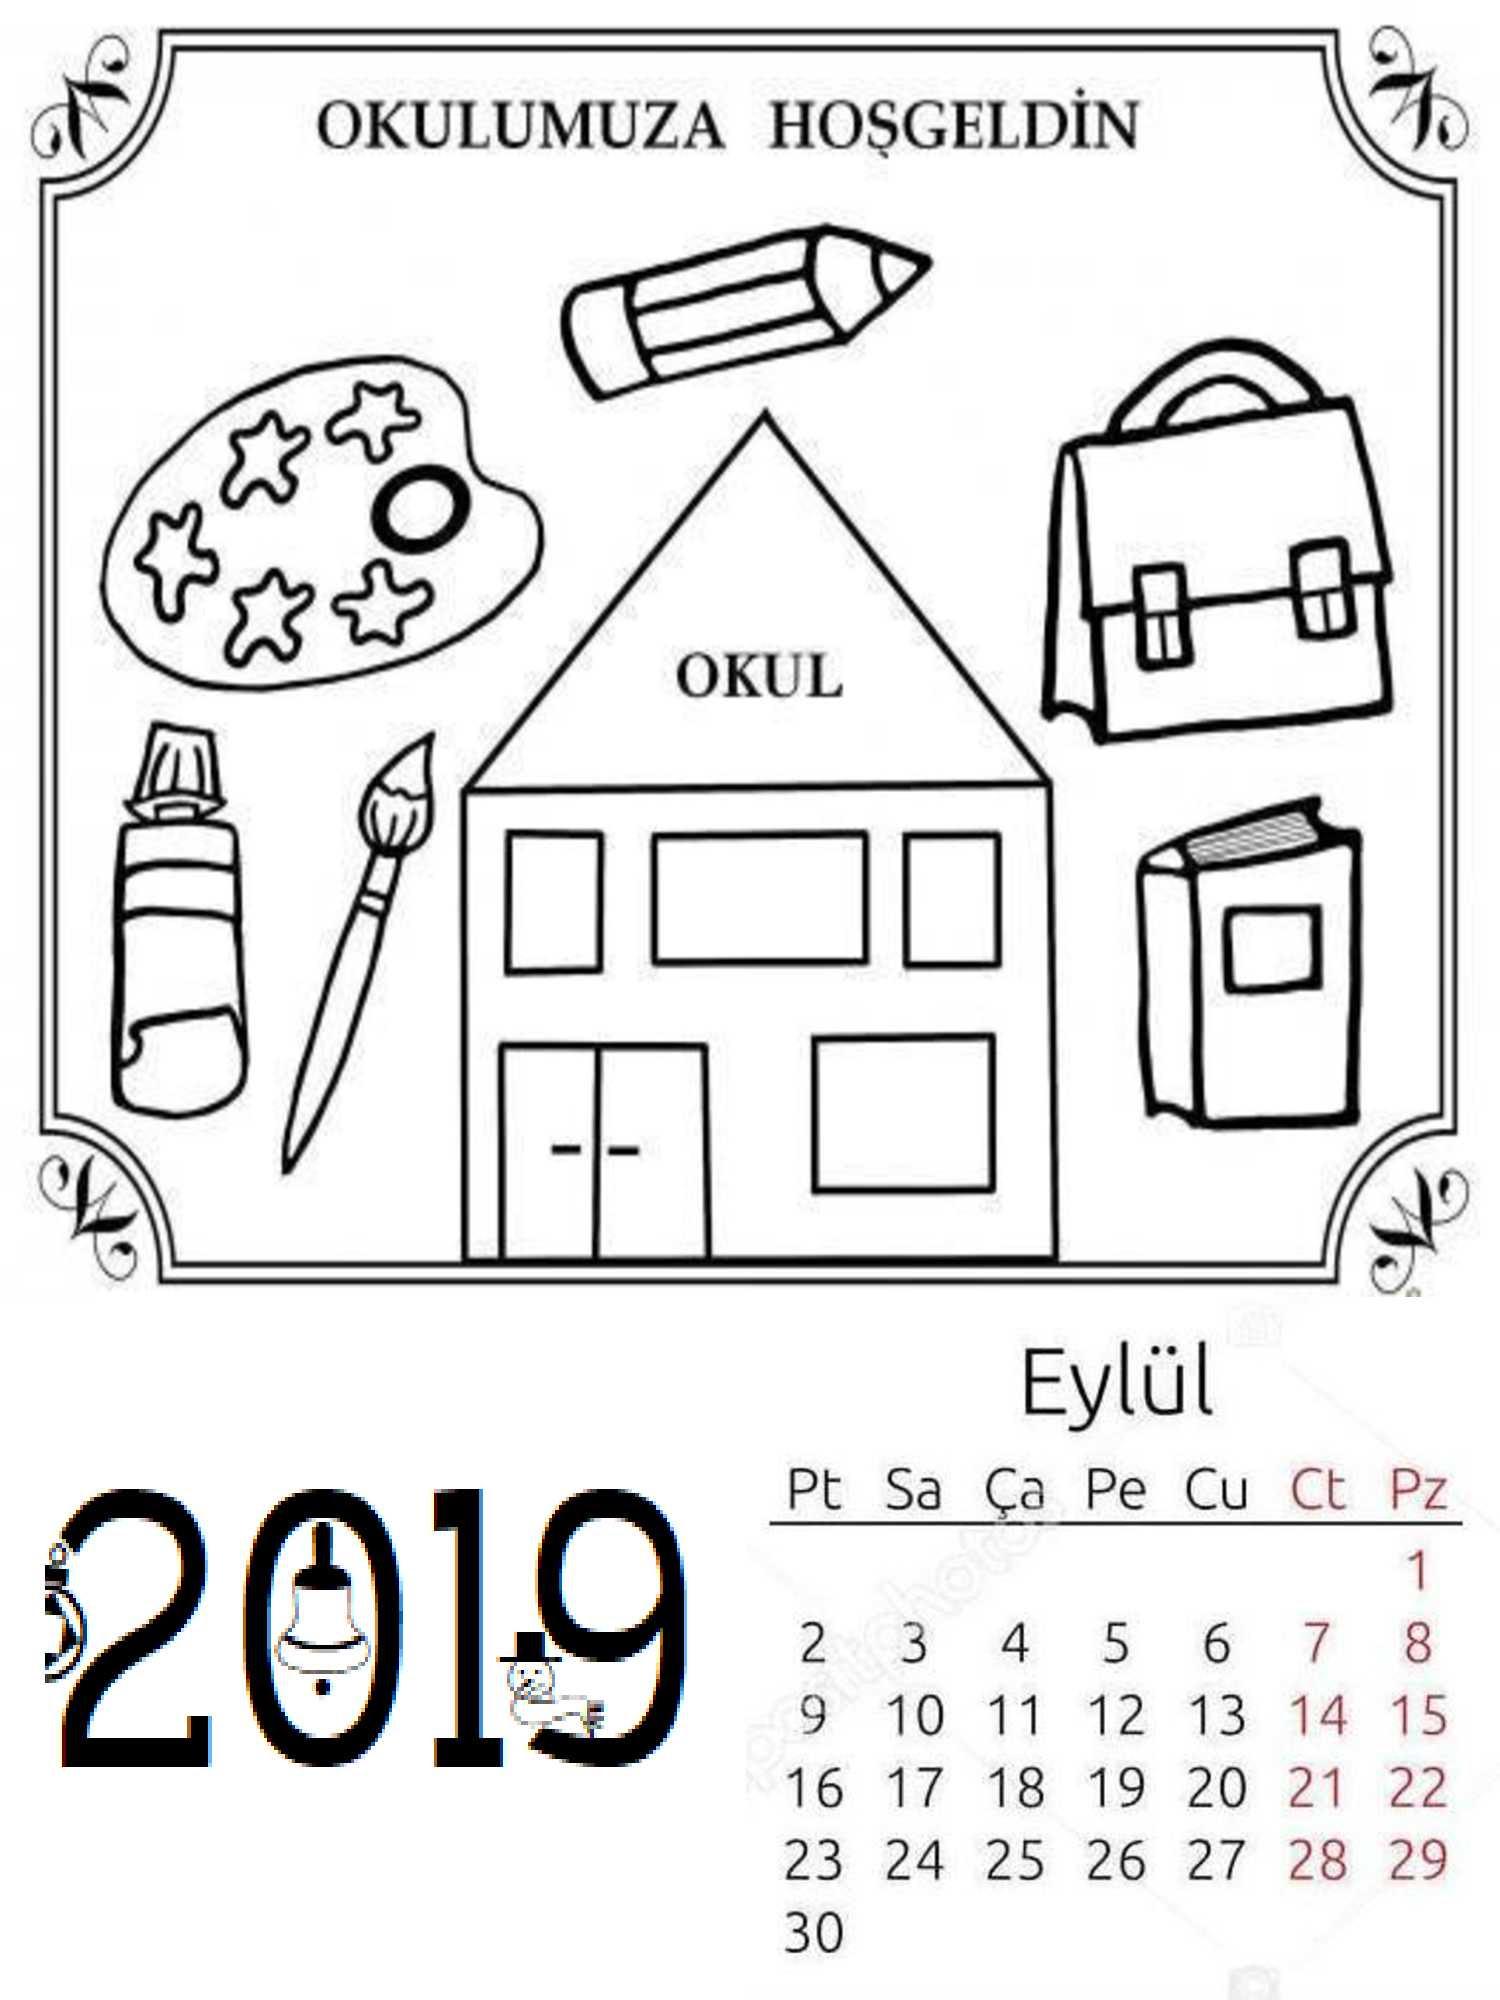 Okul Oncesi 2019 Boyama Sayfa Takvimi 1 Okul öncesi Etkinlik